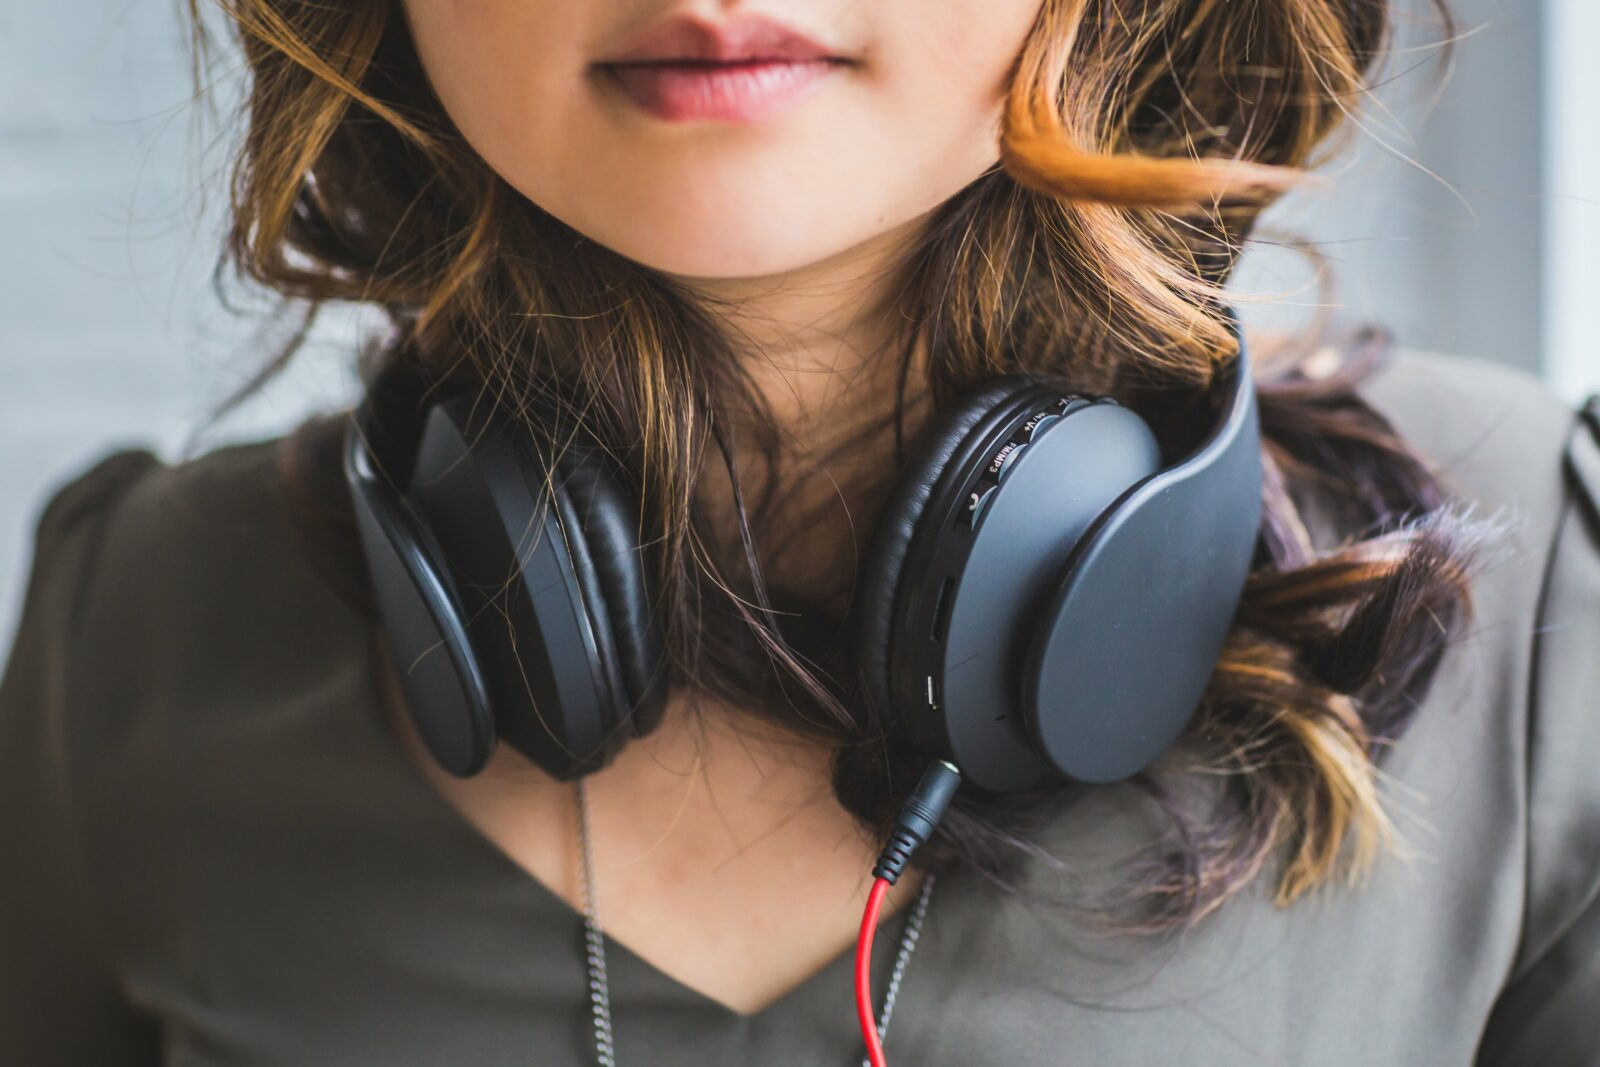 Les 10 activités à faire chez soi en période de confinement - musique